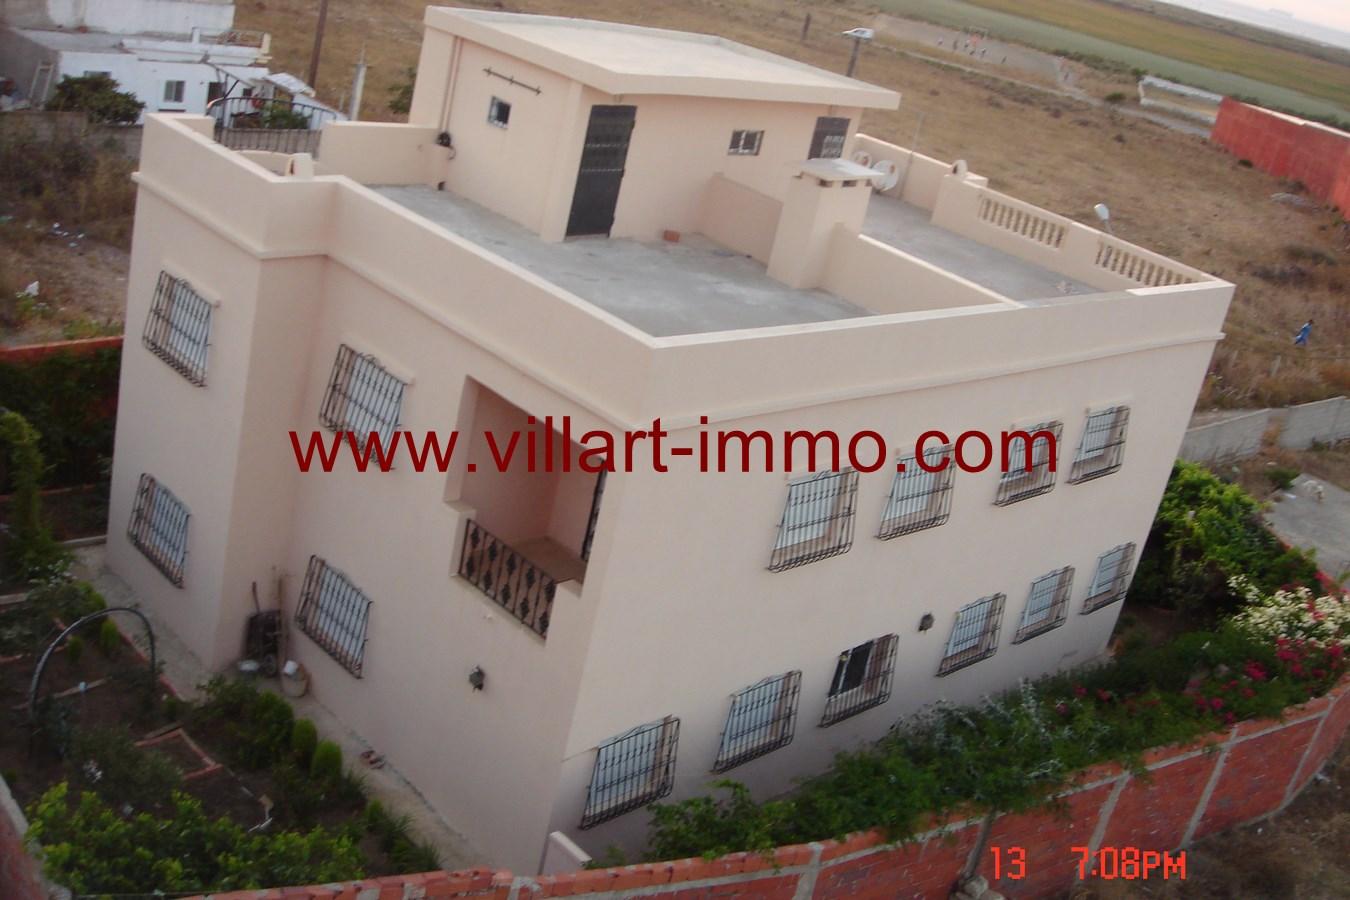 1-a-vendre-villa-tanger-hijriyin-vv430-villart-immo